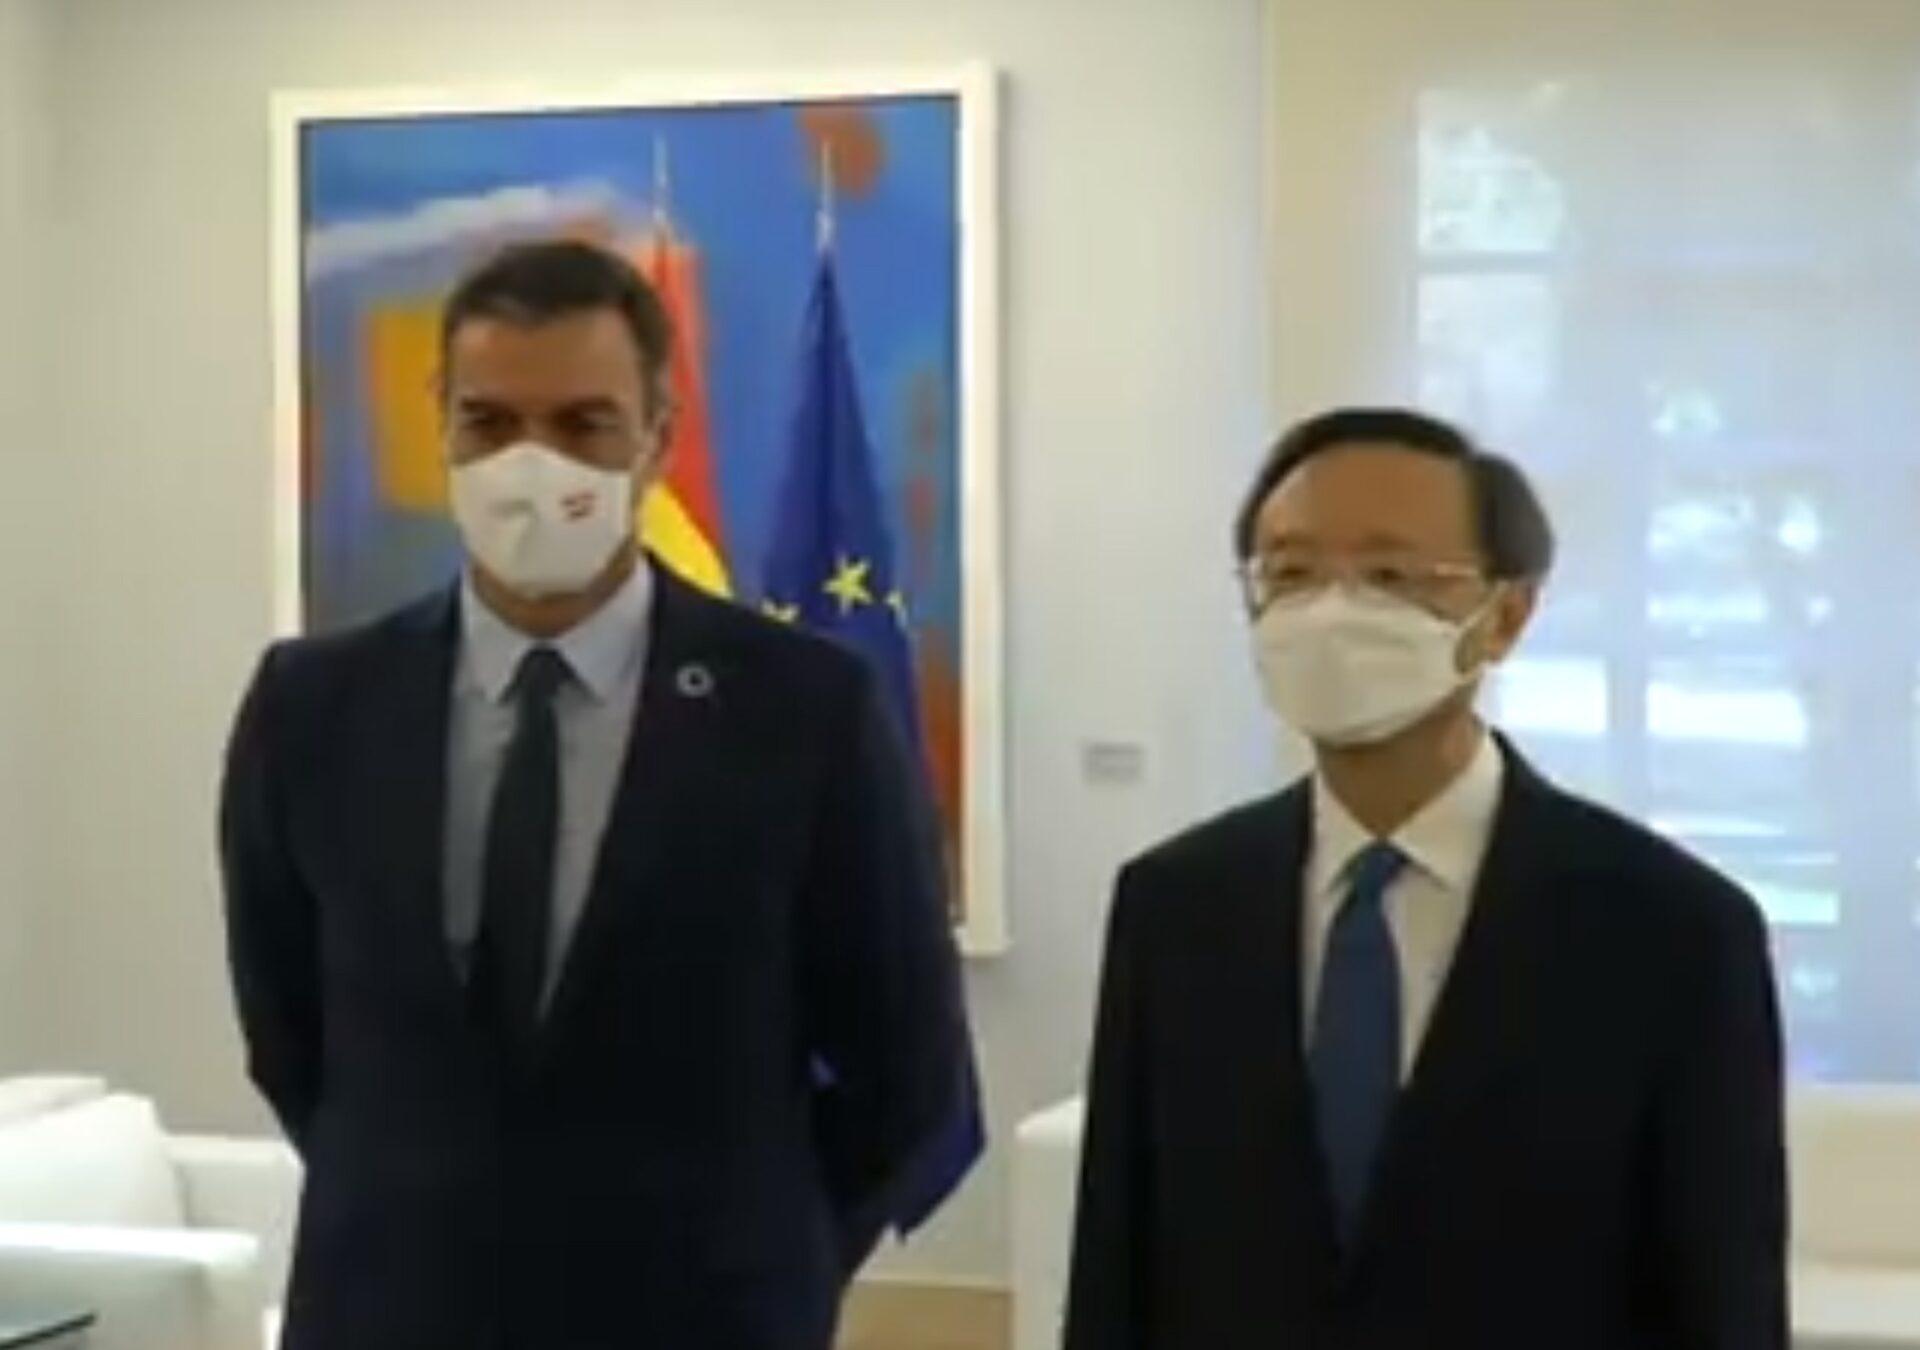 El presidente del Gobierno recibe en La Moncloa al director de la Oficina de la Comisión de Asuntos Exteriores del Partido Comunista de China, Yang Jiechi